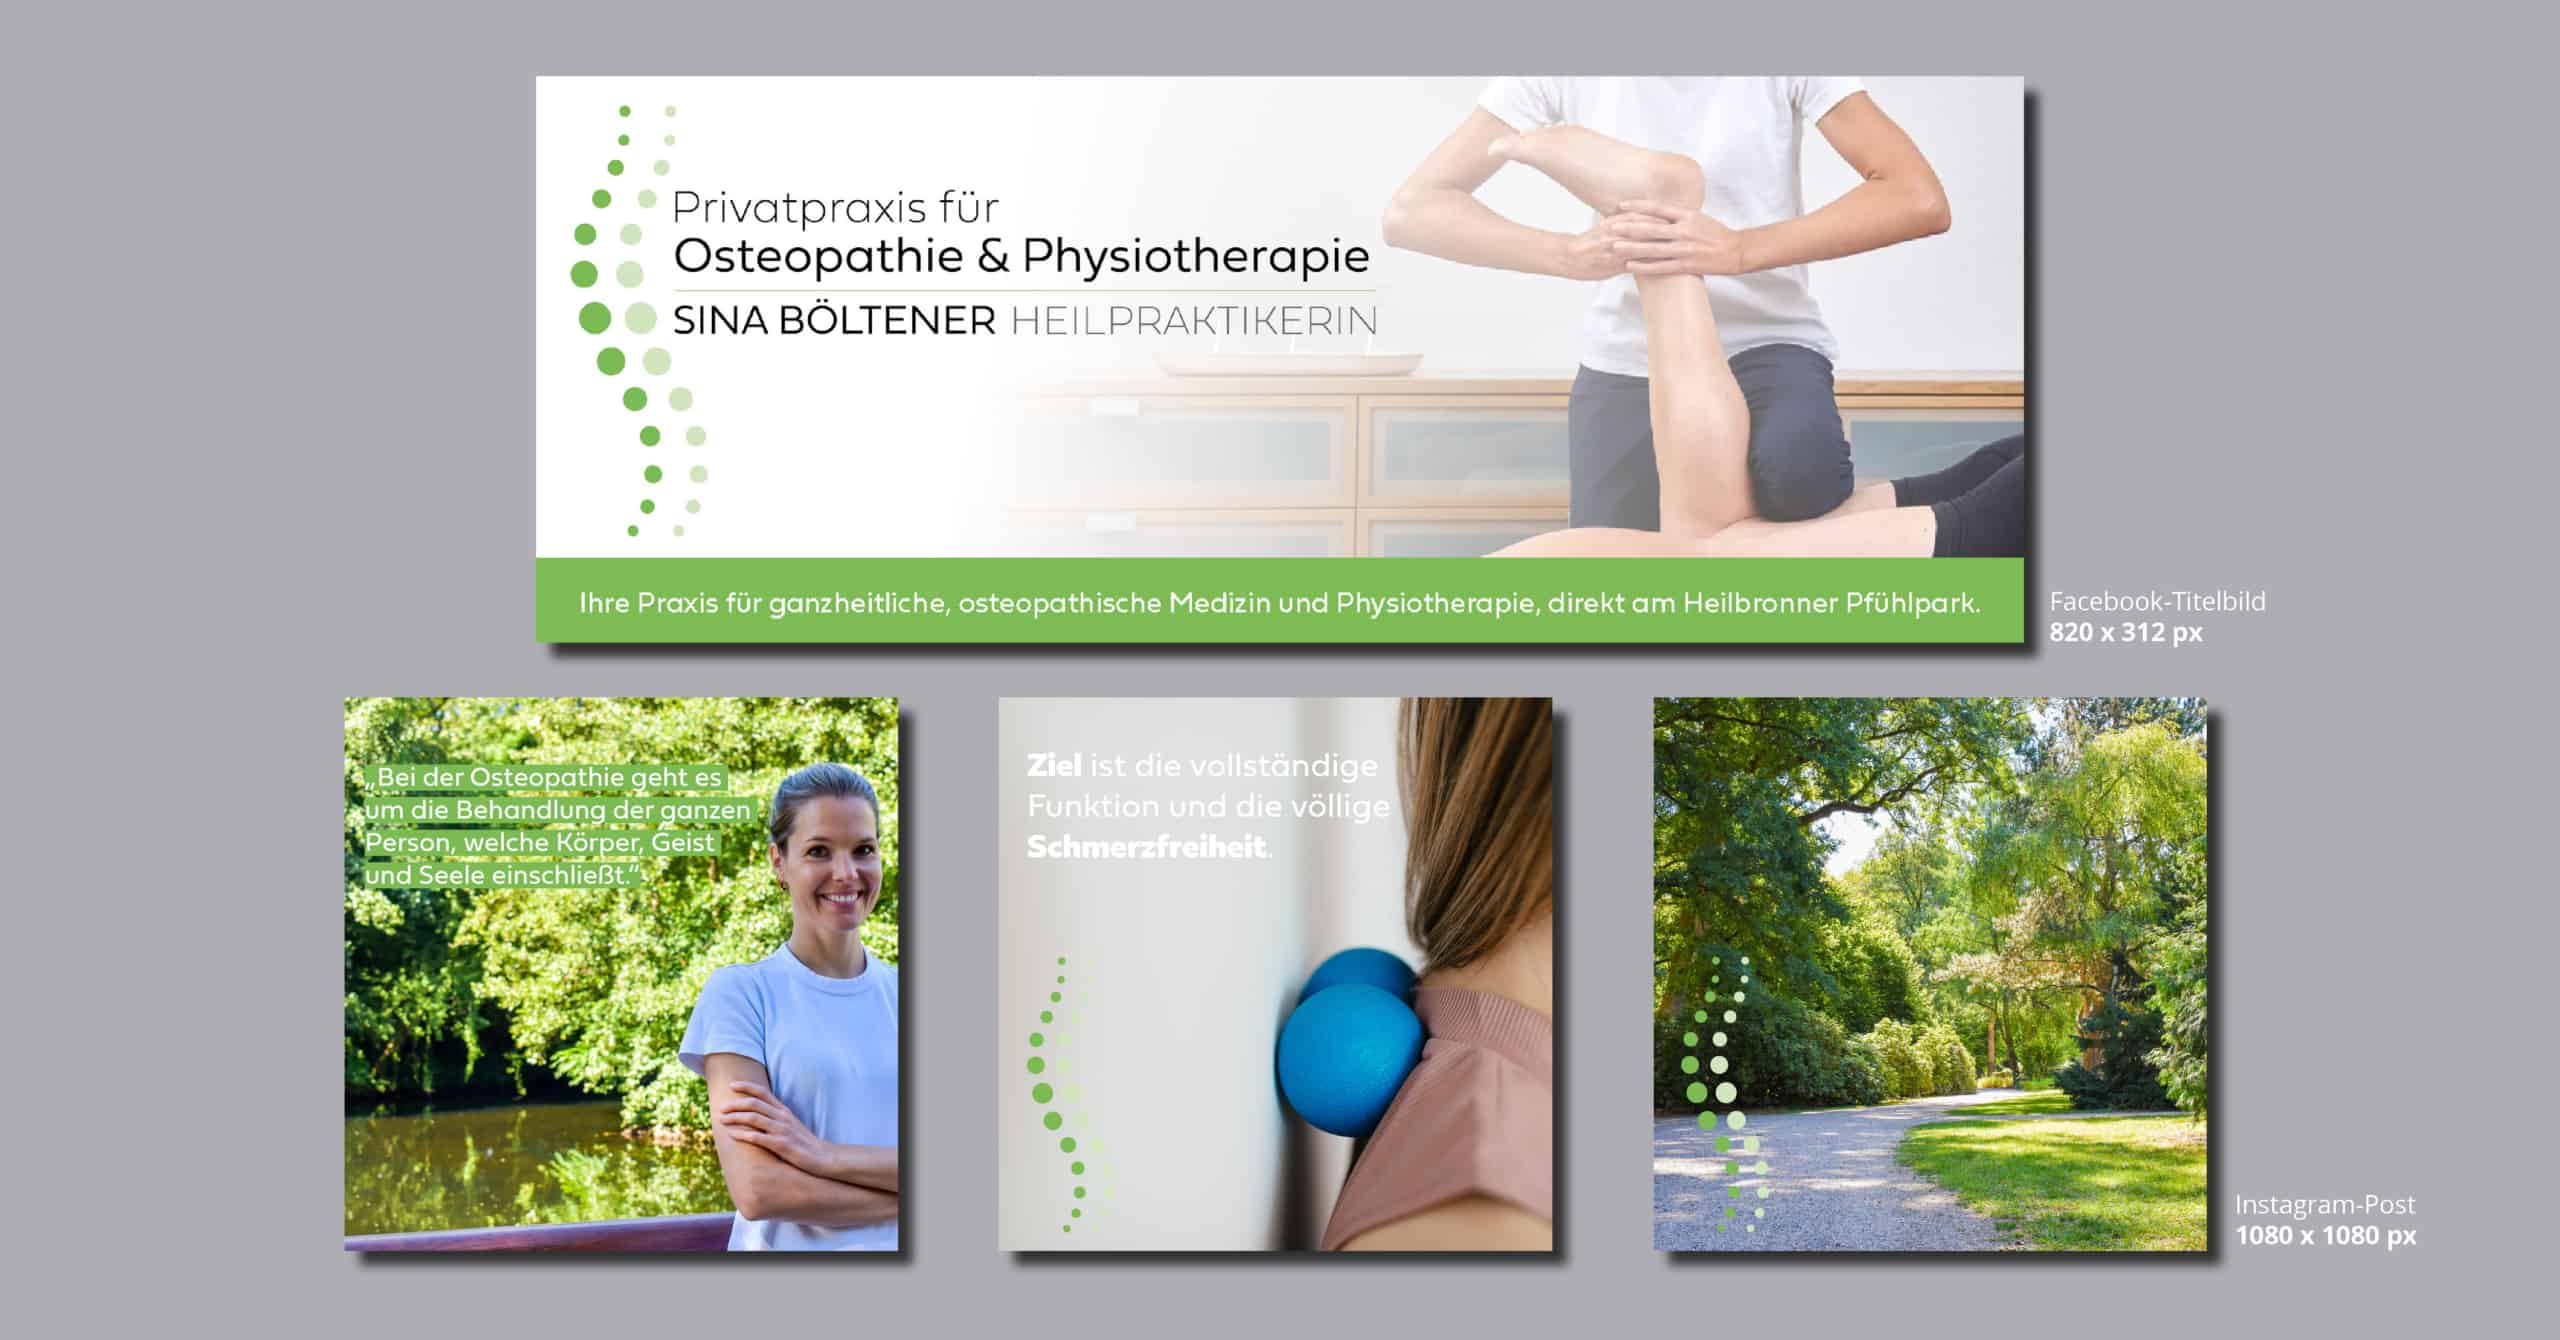 Neckarglück Heilbronn X Osteopathie und Physiotherapie Heilbronn